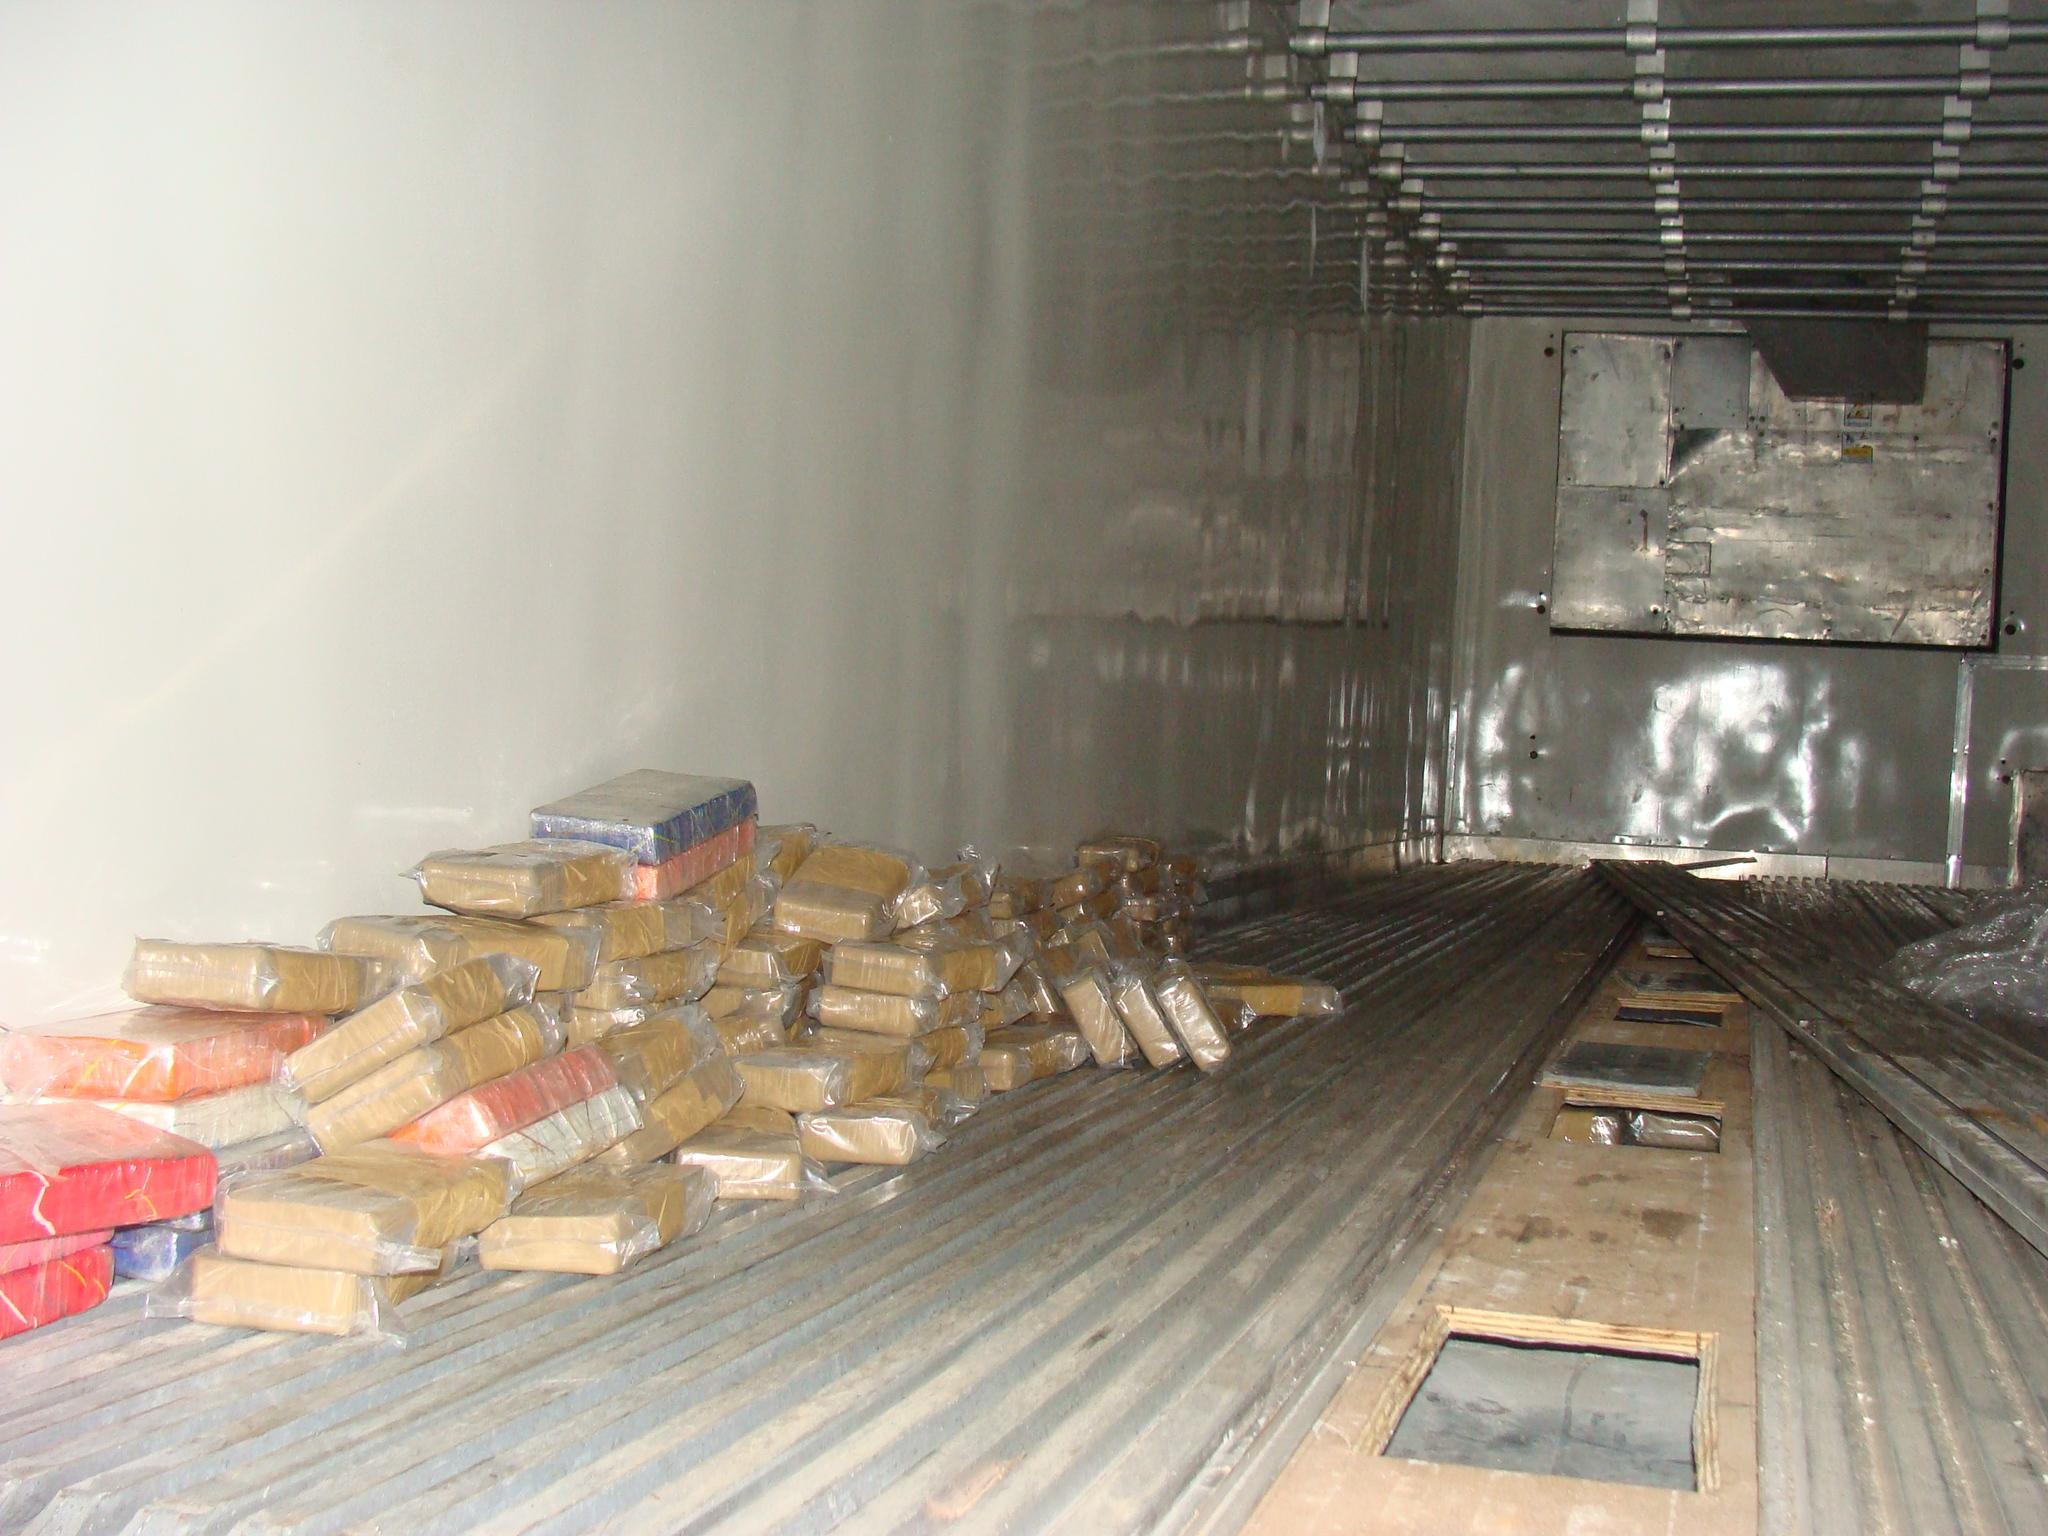 e5f77aadbf Polícia apreende 300 kg de drogas em galpão de organizada palmeirense